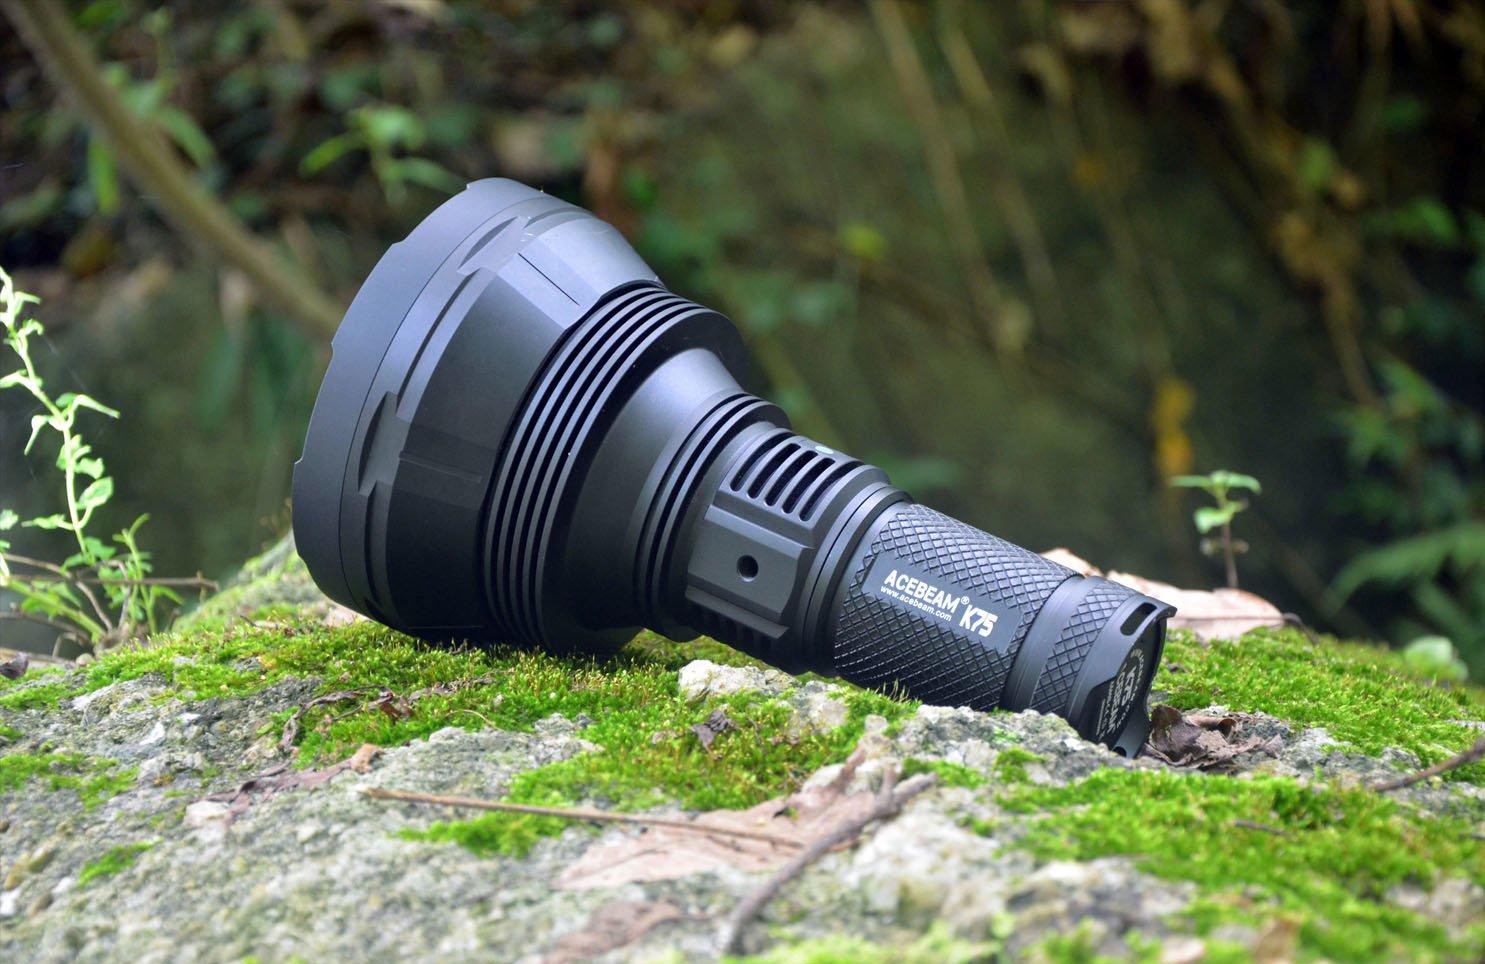 Acebeam Powerful LED Flashlight